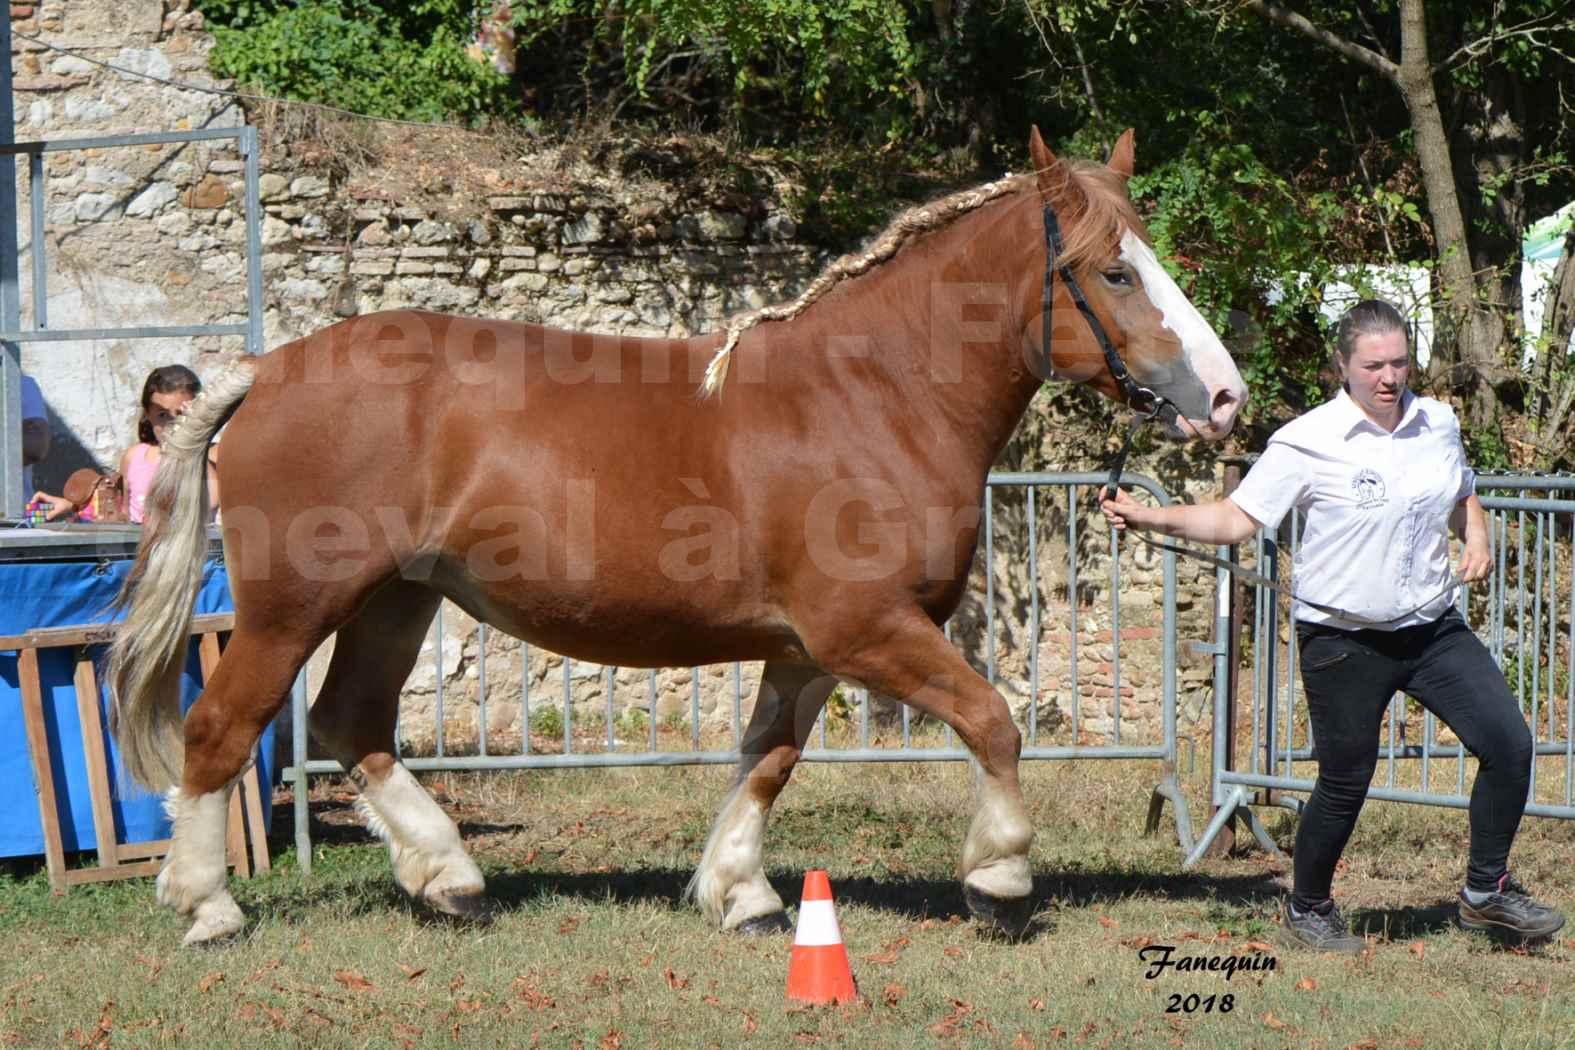 Fête du cheval à GRAULHET le 16 septembre 2018 - Concours Départemental de chevaux de traits - 09